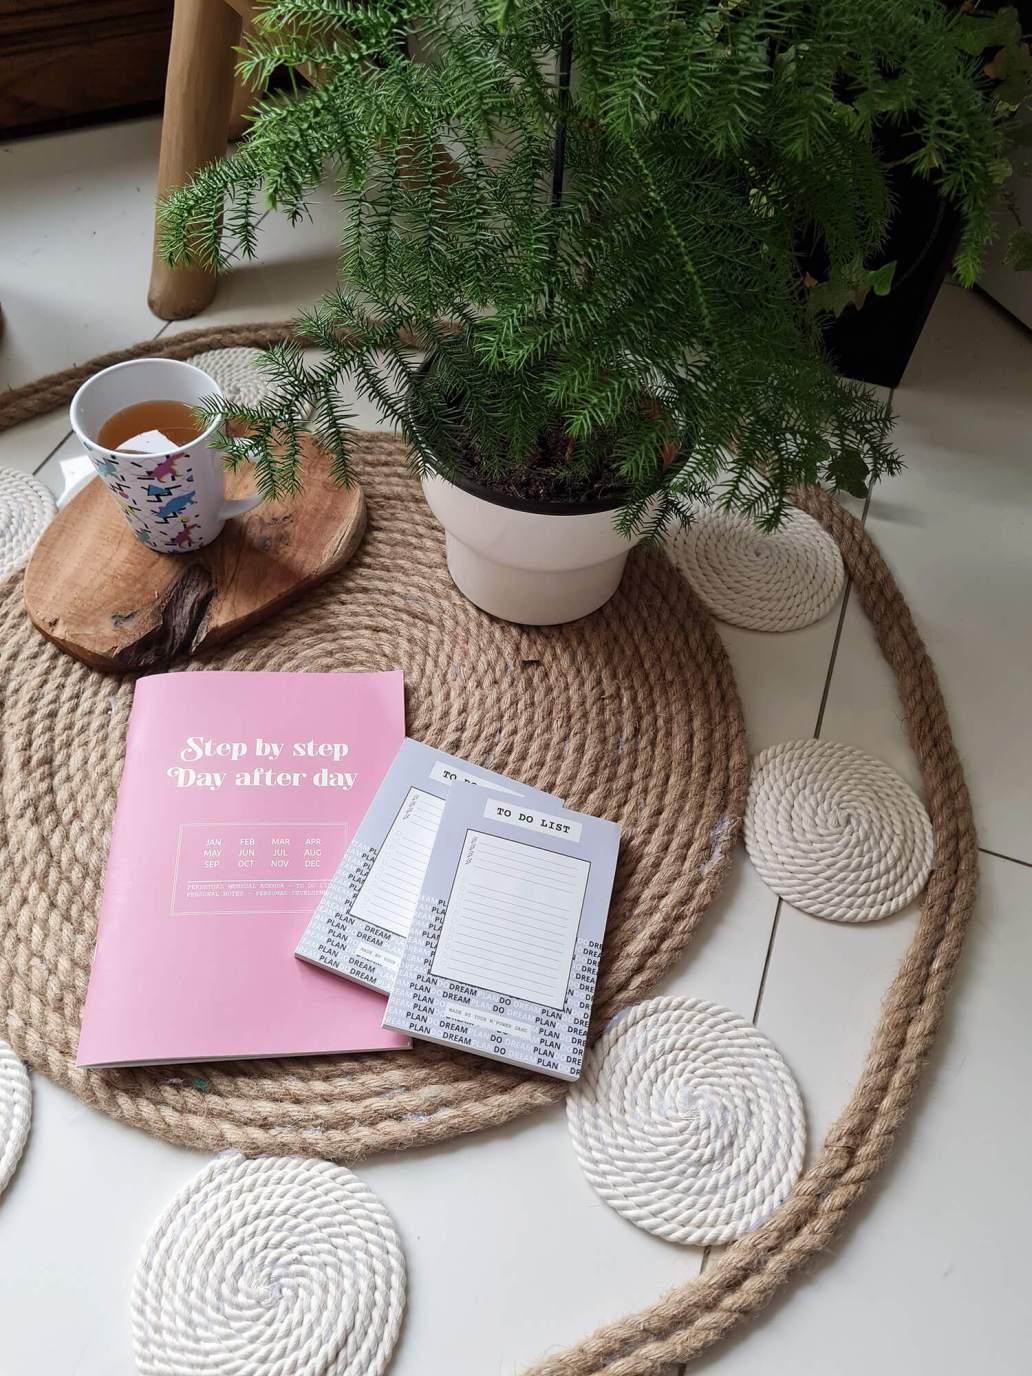 20210107 104759 - DIY bohème : fabriquer un tapis mandala avec des cordes